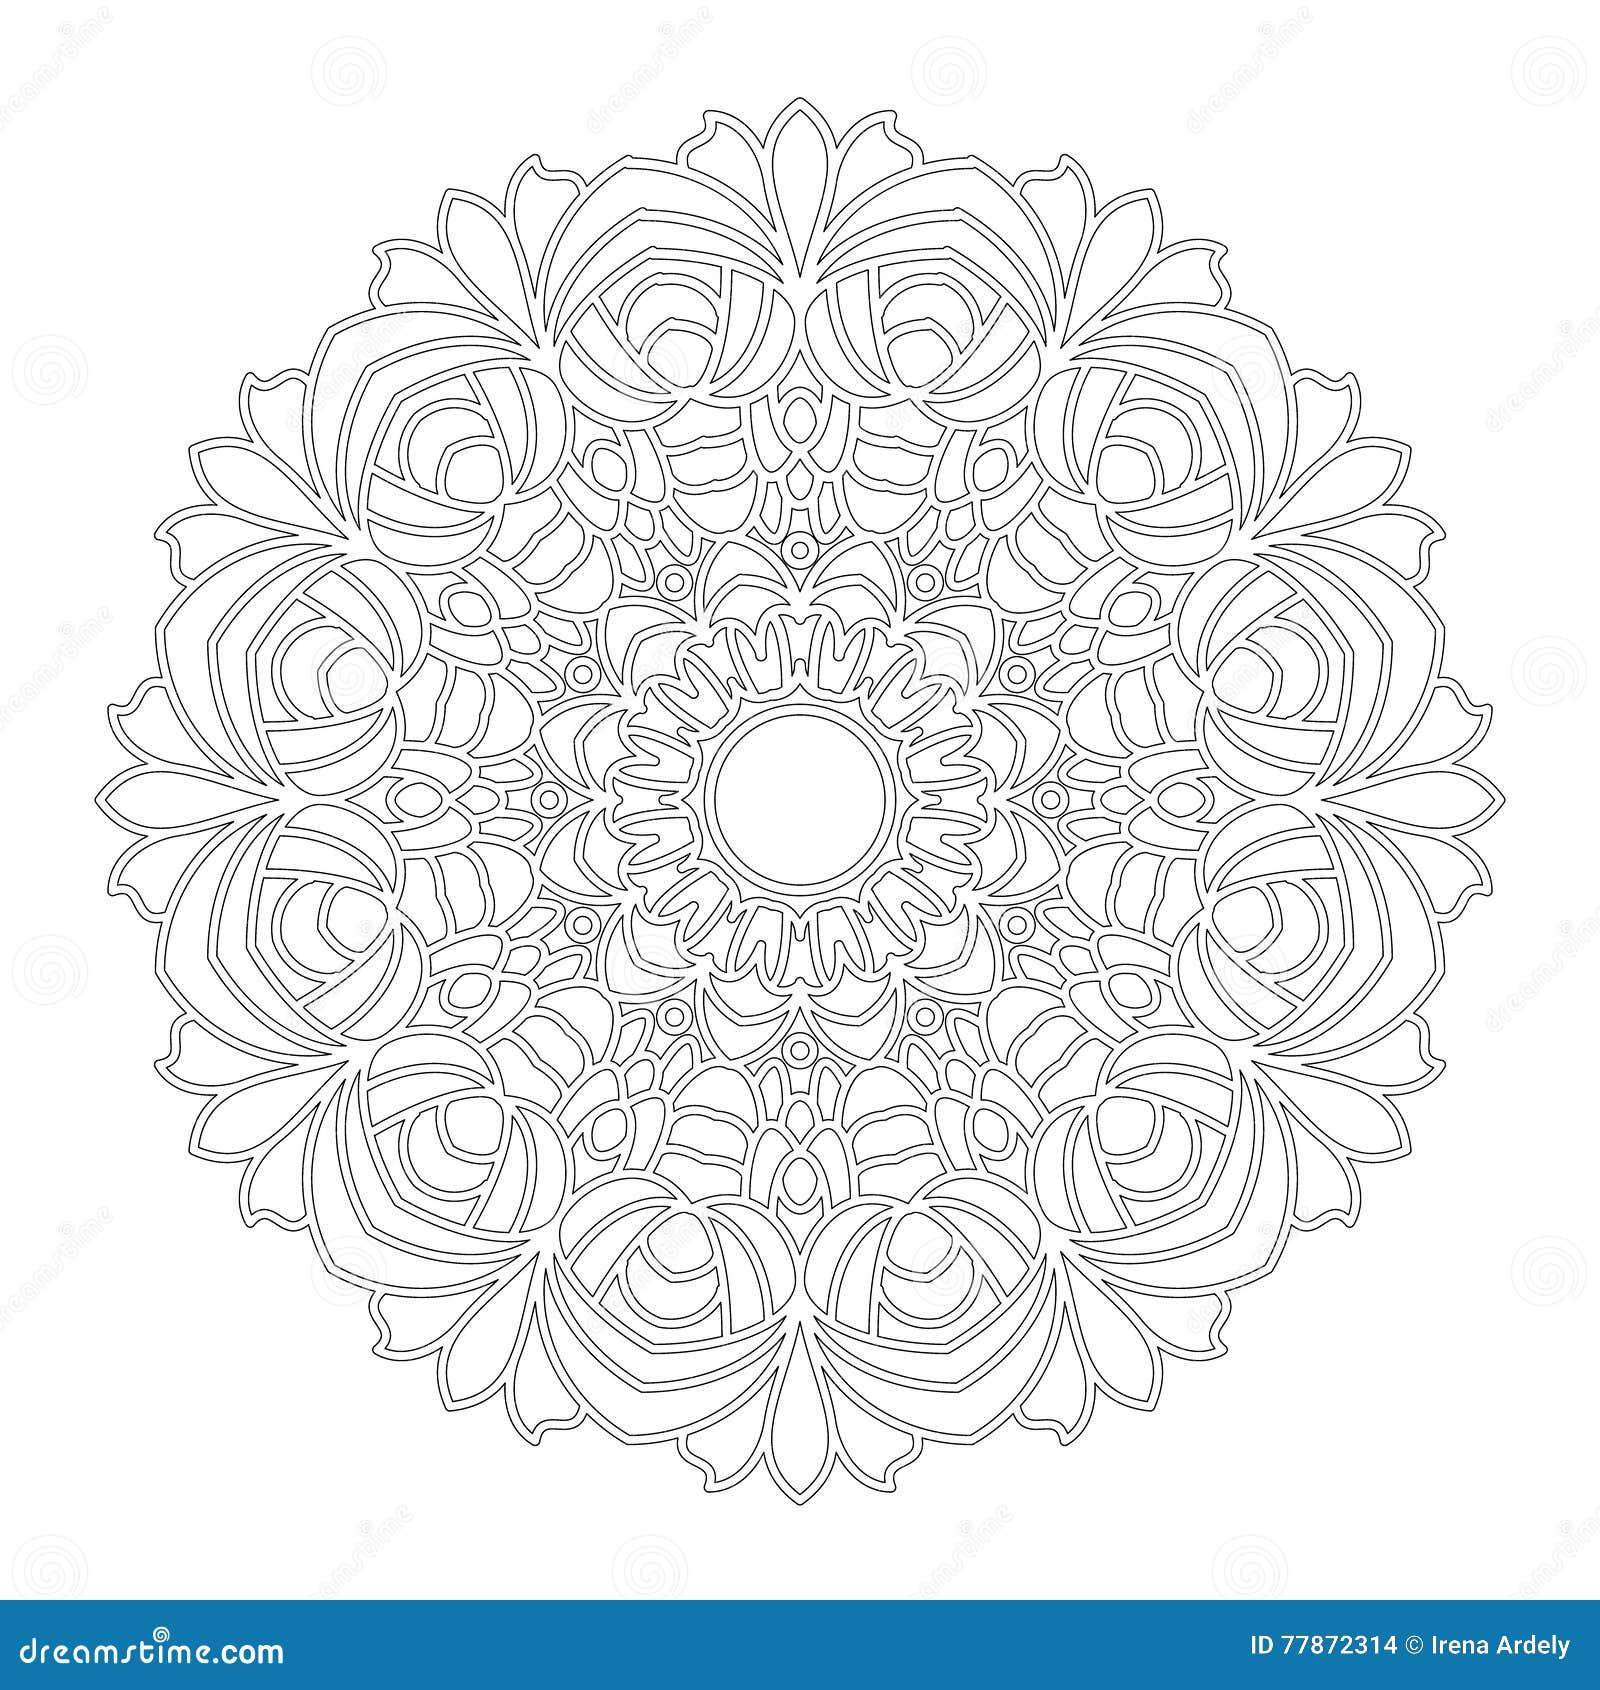 Berühmt Geometrische Malvorlagen Für Erwachsene Fotos - Malvorlagen ...